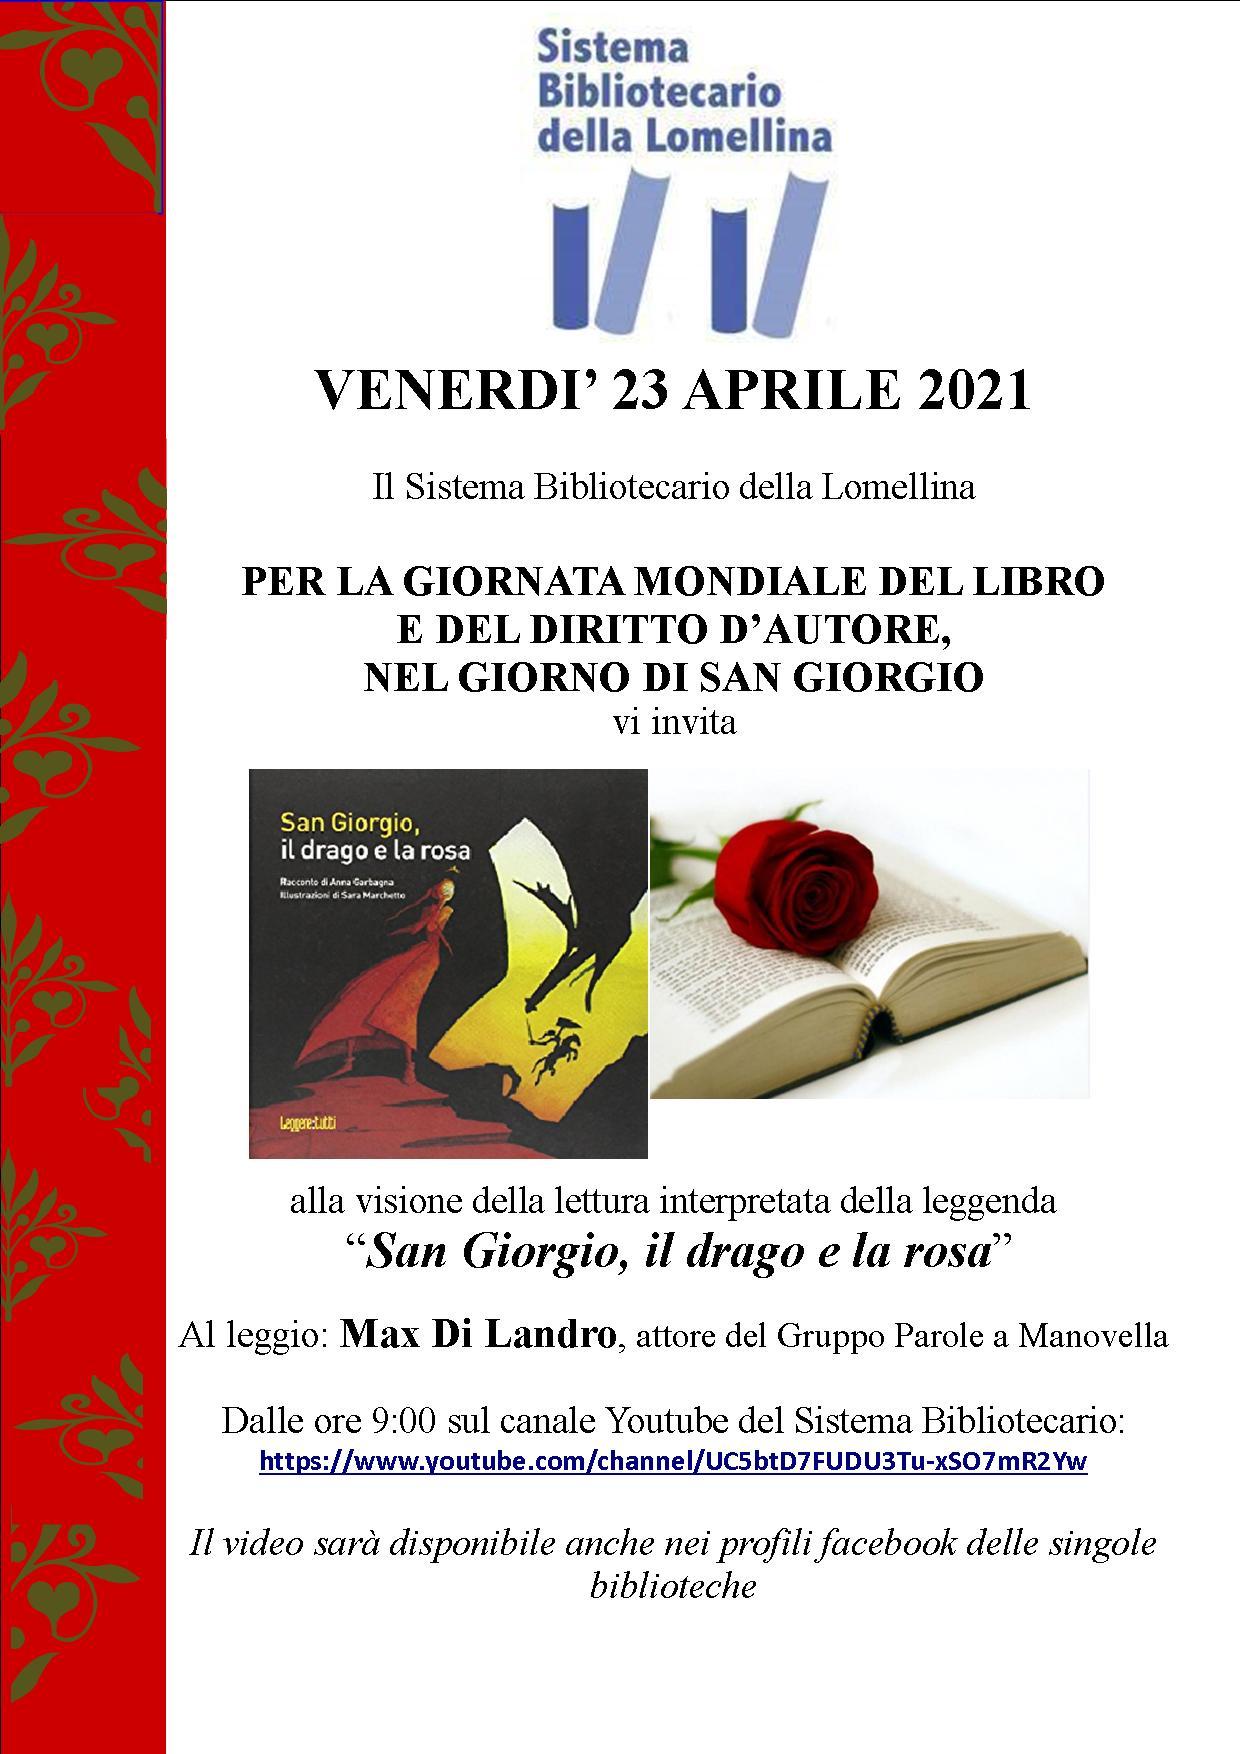 23 Aprile Per La Giornata Mondiale Del Libro E Del Diritto D'autore